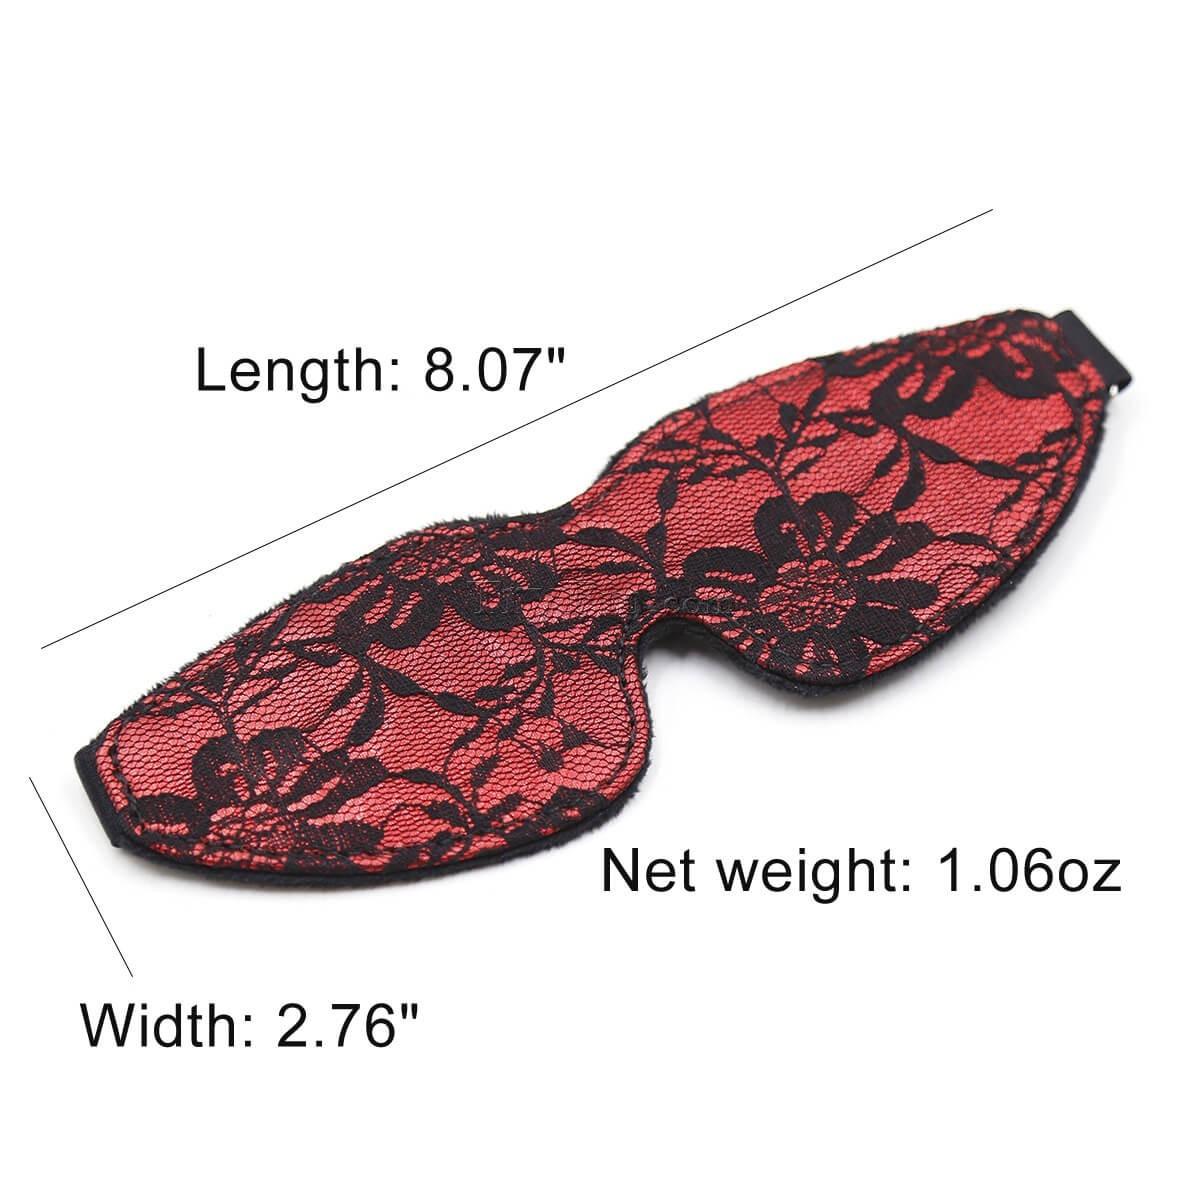 7-lace-kinky-set-red10.jpg